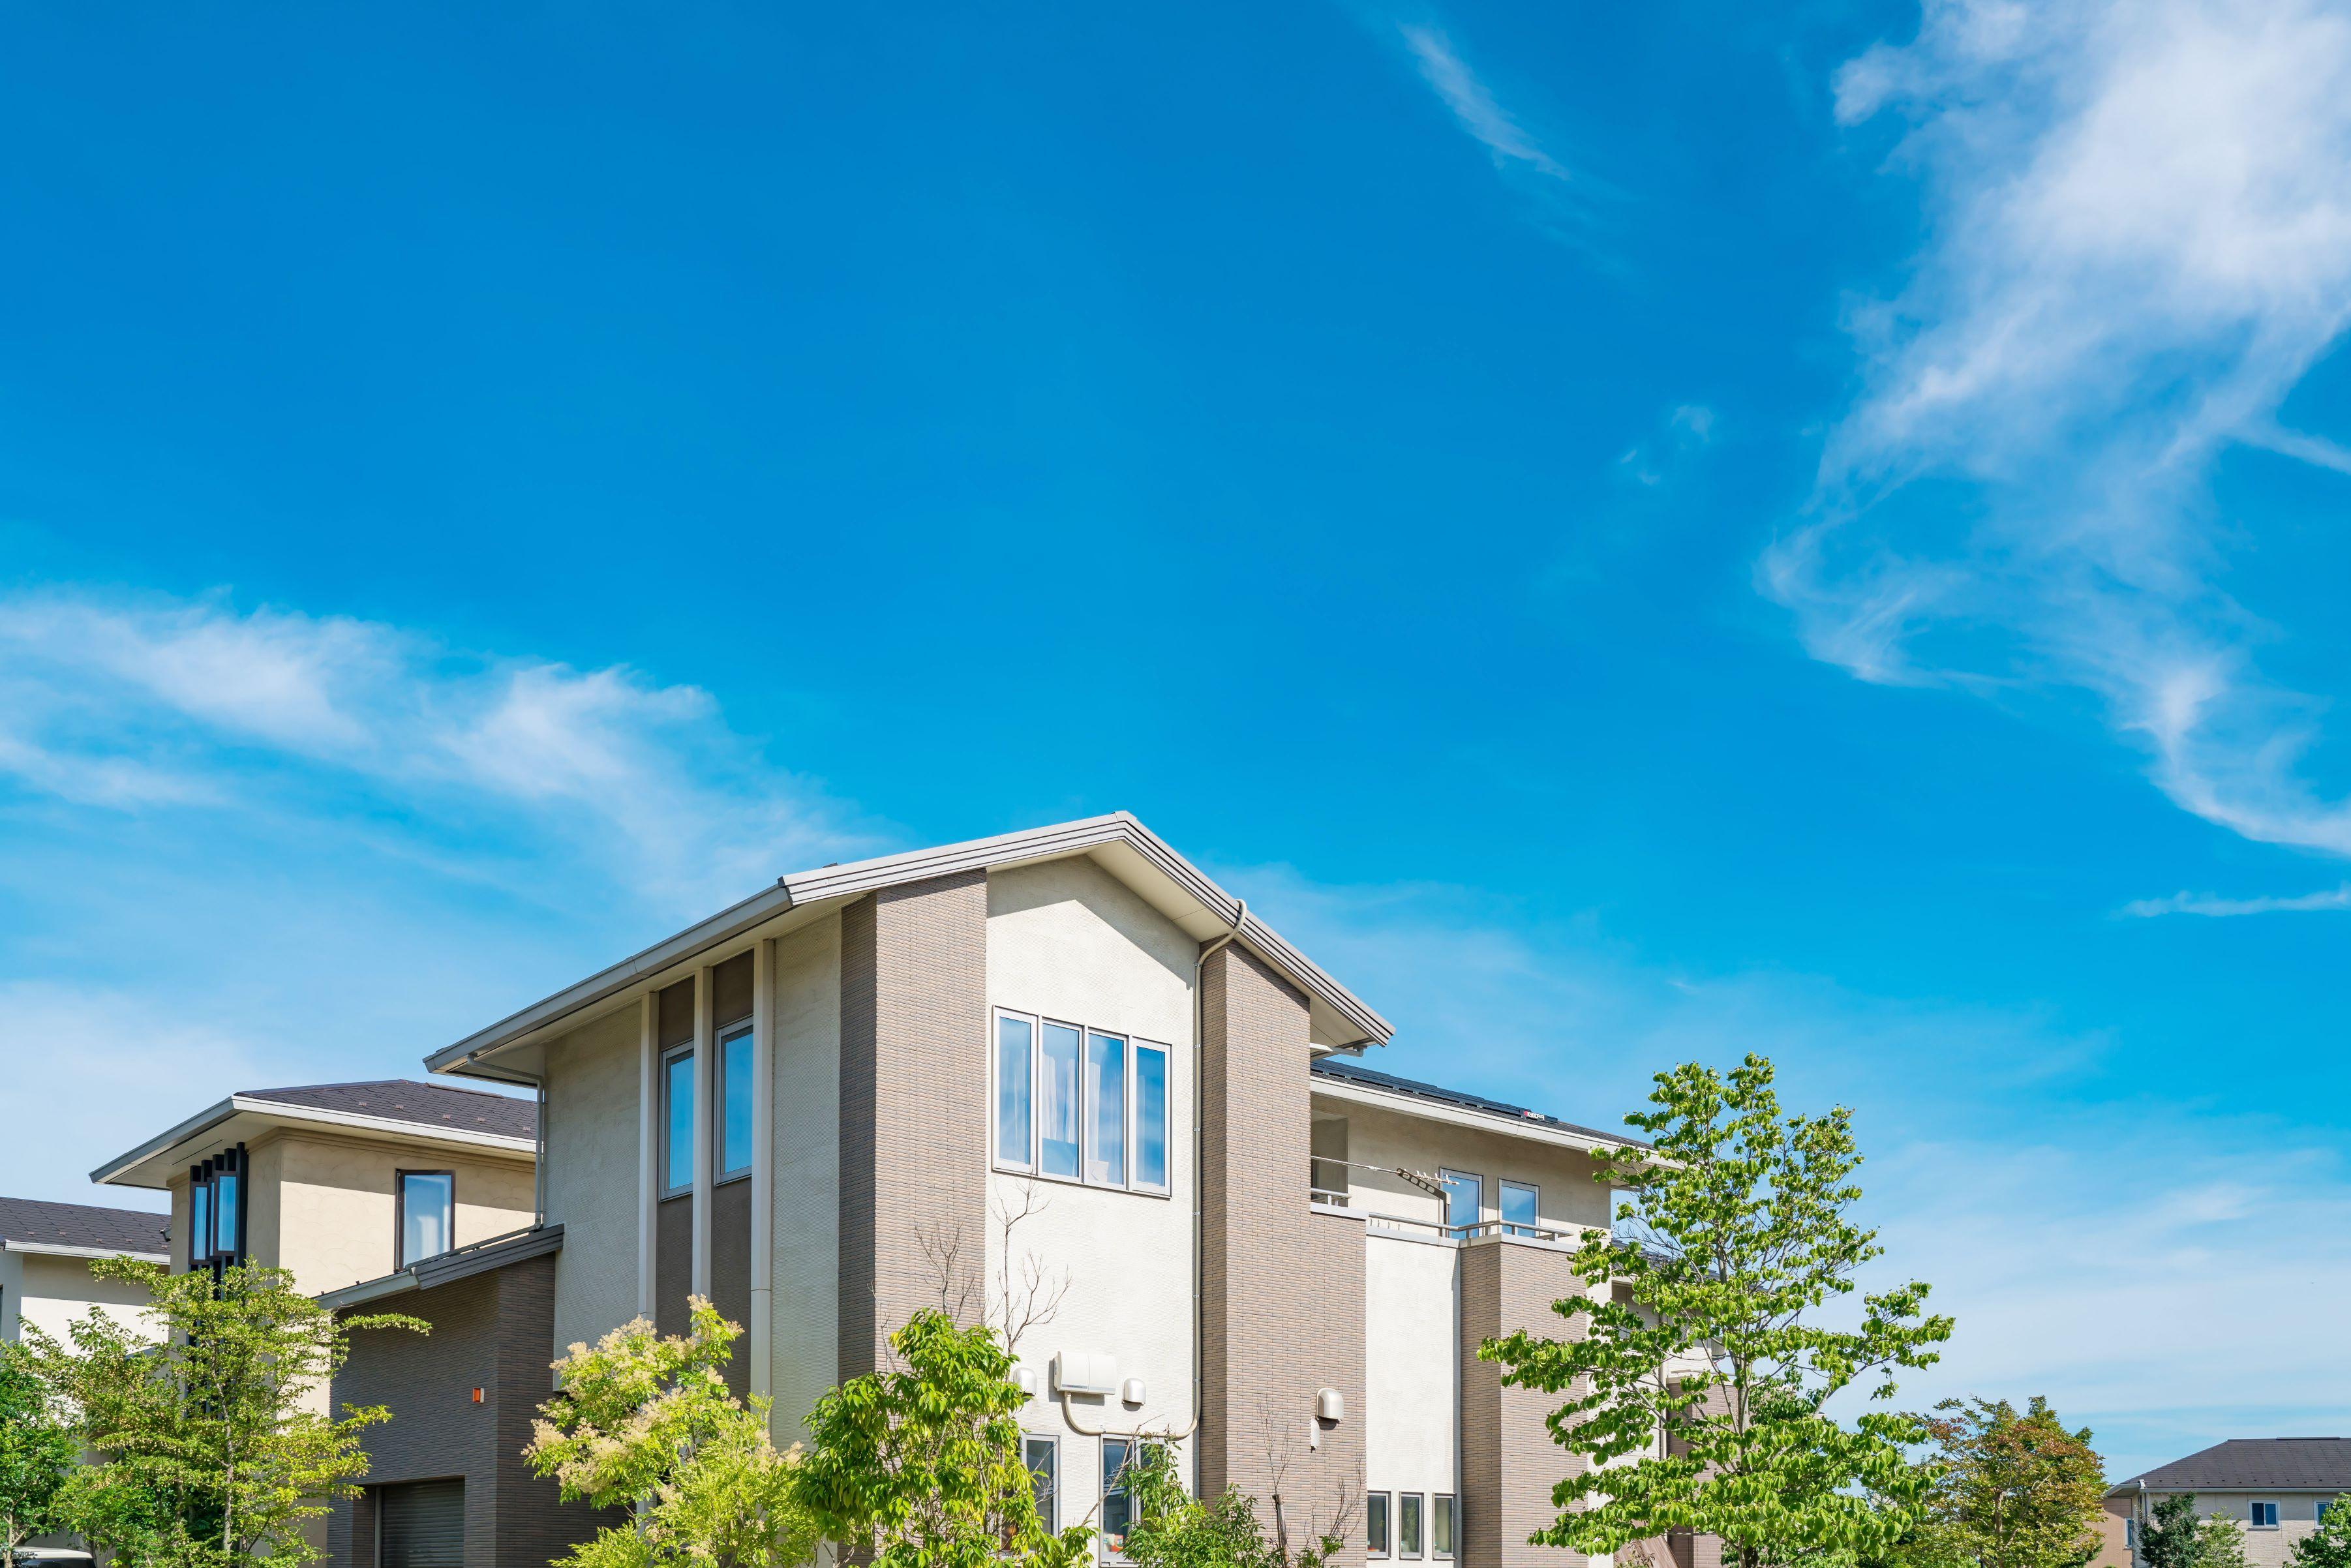 コロナ禍で注目度が高まる戸建て住宅。失敗しない物件の選び方とメンテ代は?